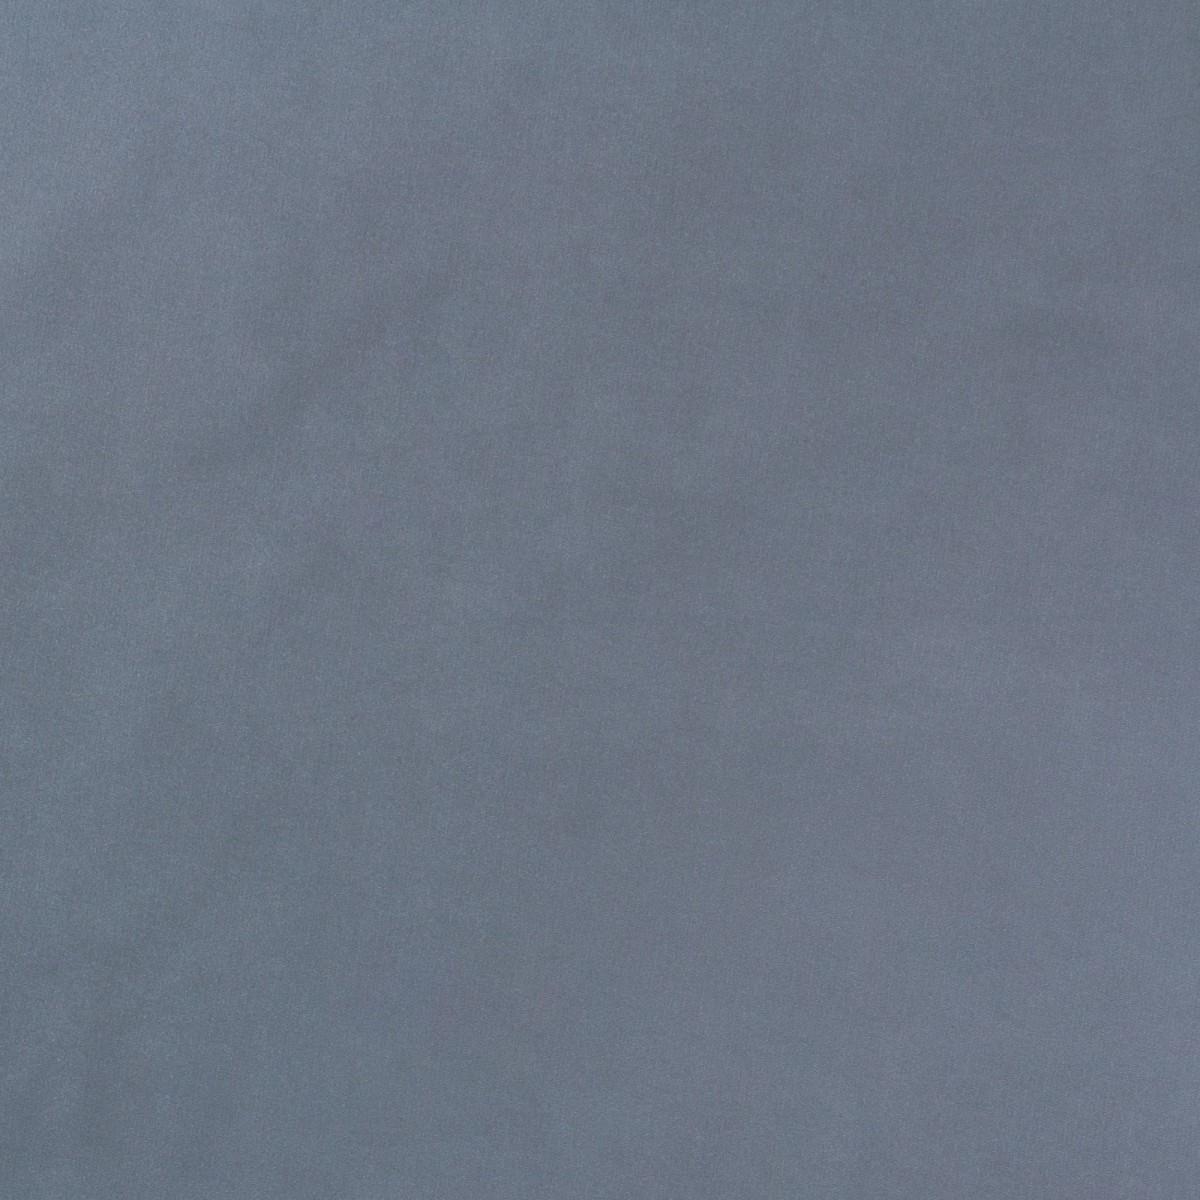 Ткань Мелани 280 см полиэстер цвет серый